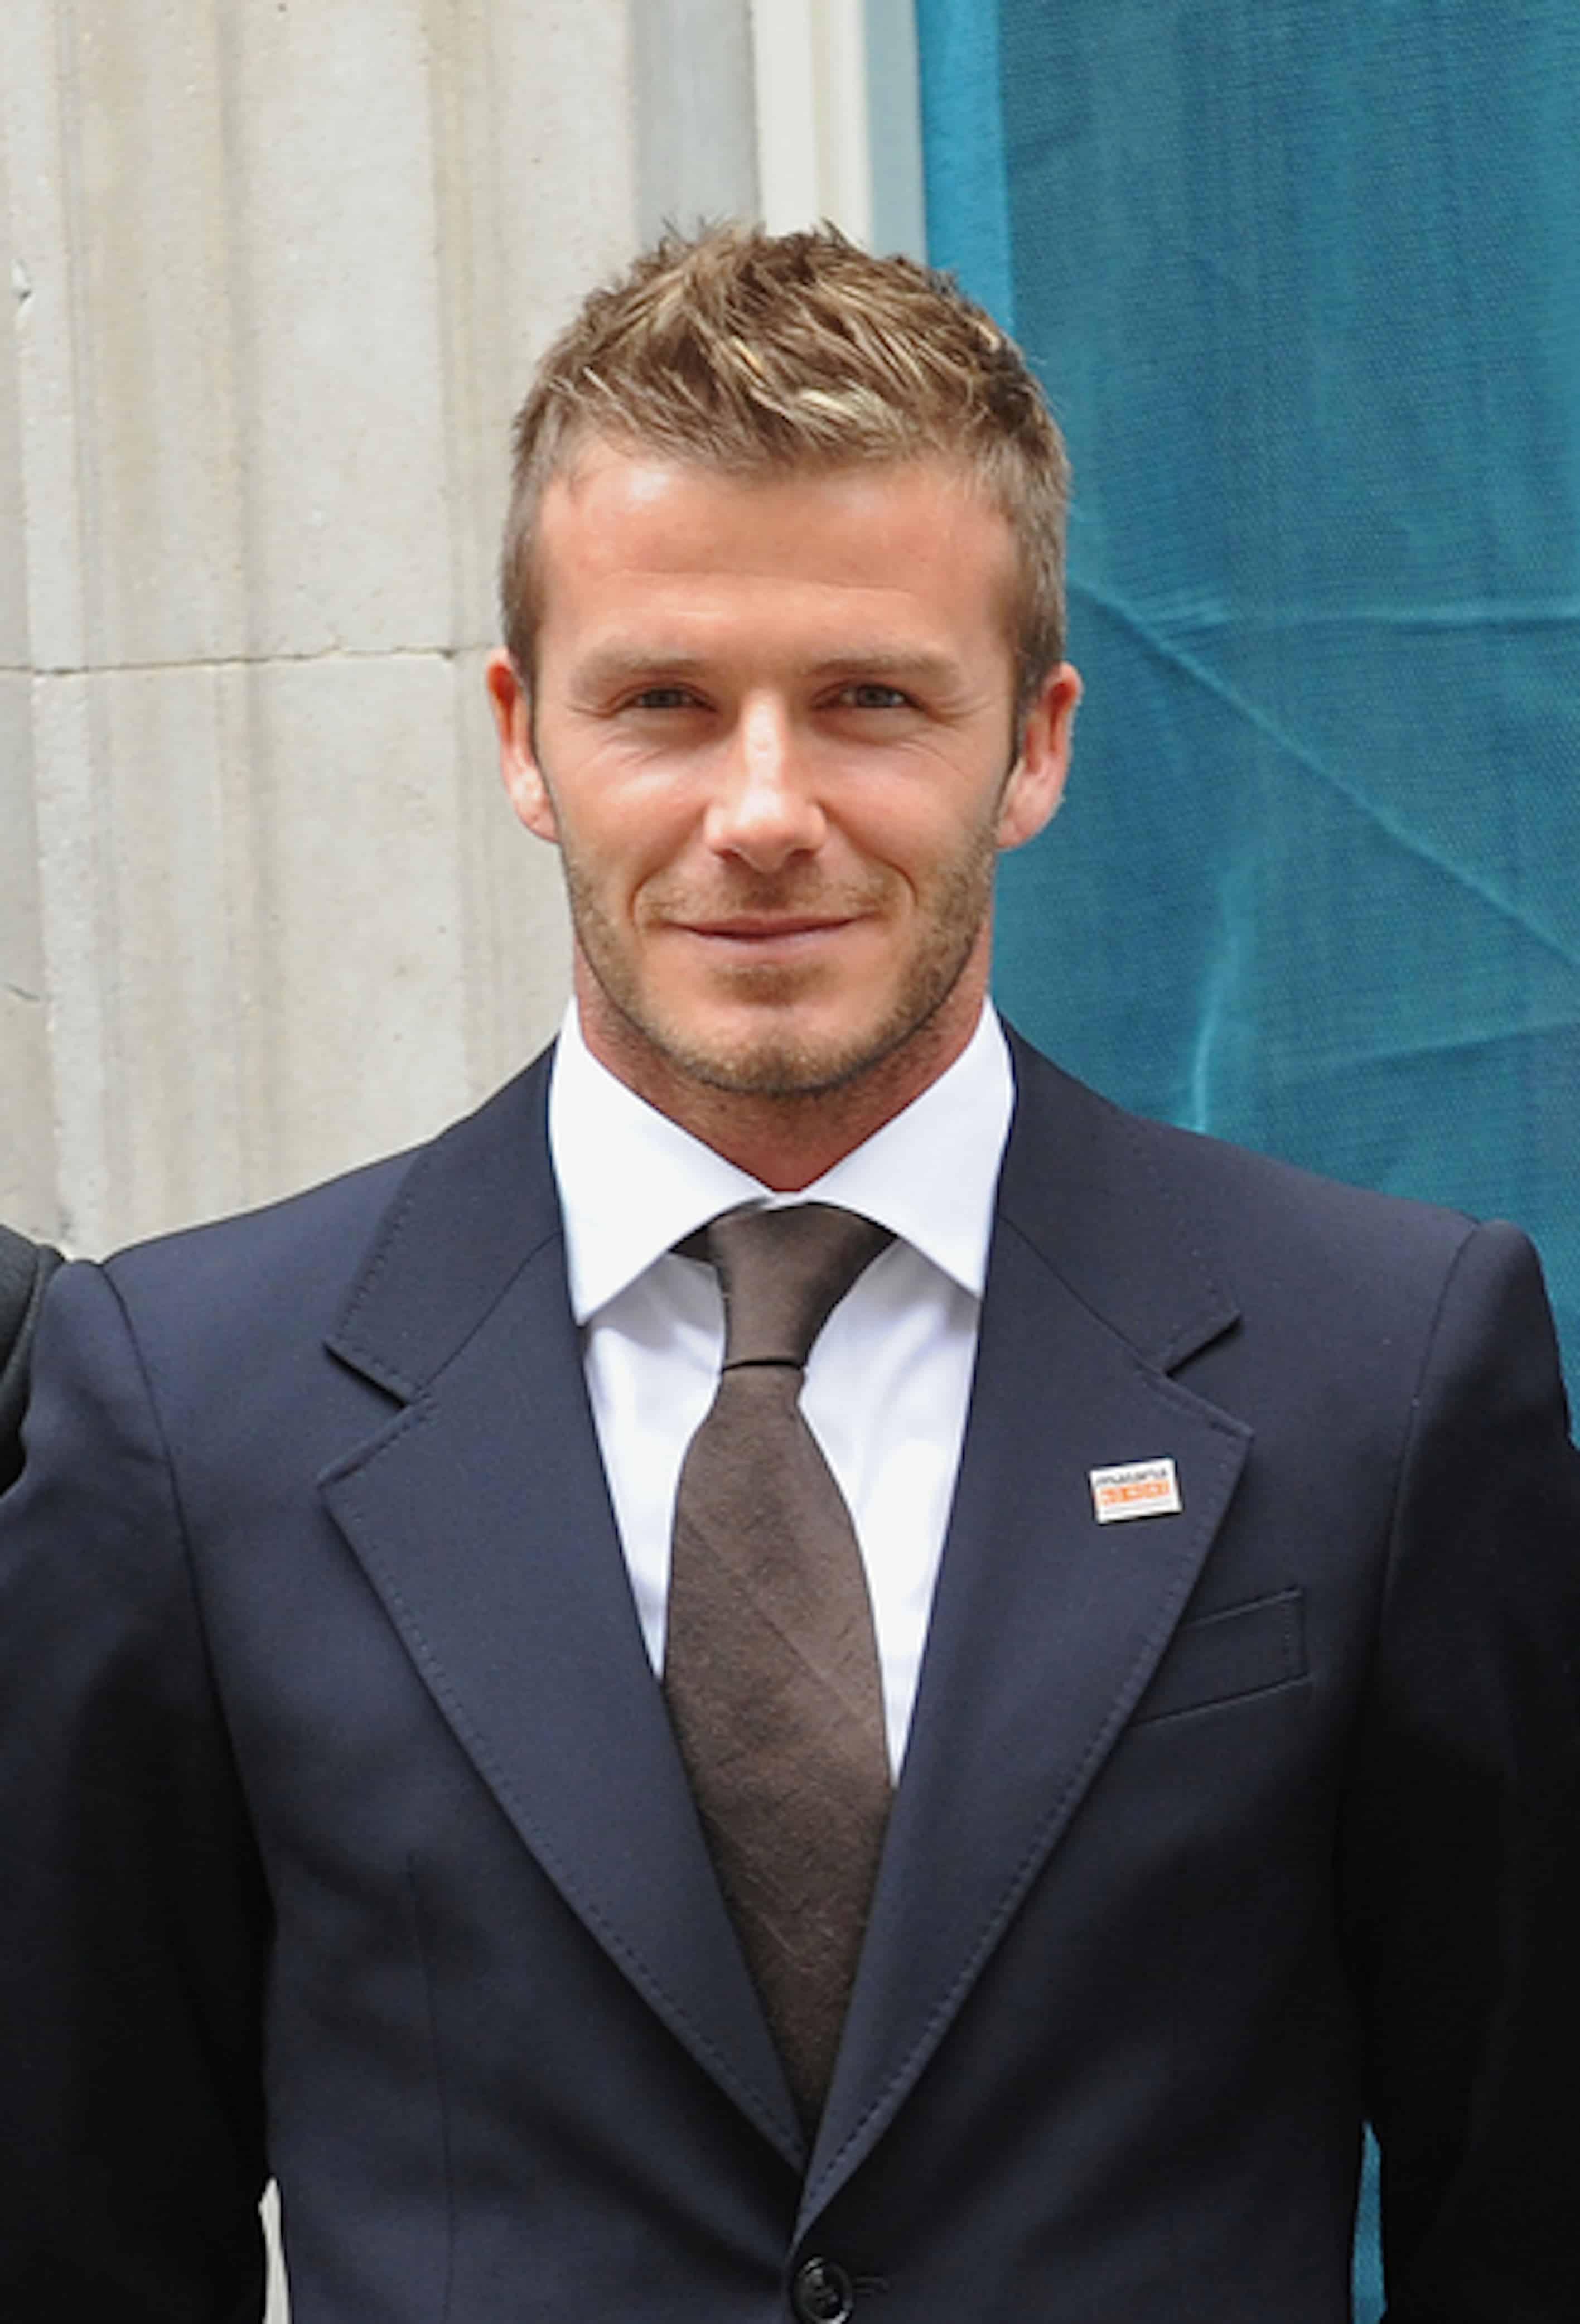 45 Best David Beckham Hair Ideas-(All Hairstyles Till 2018)